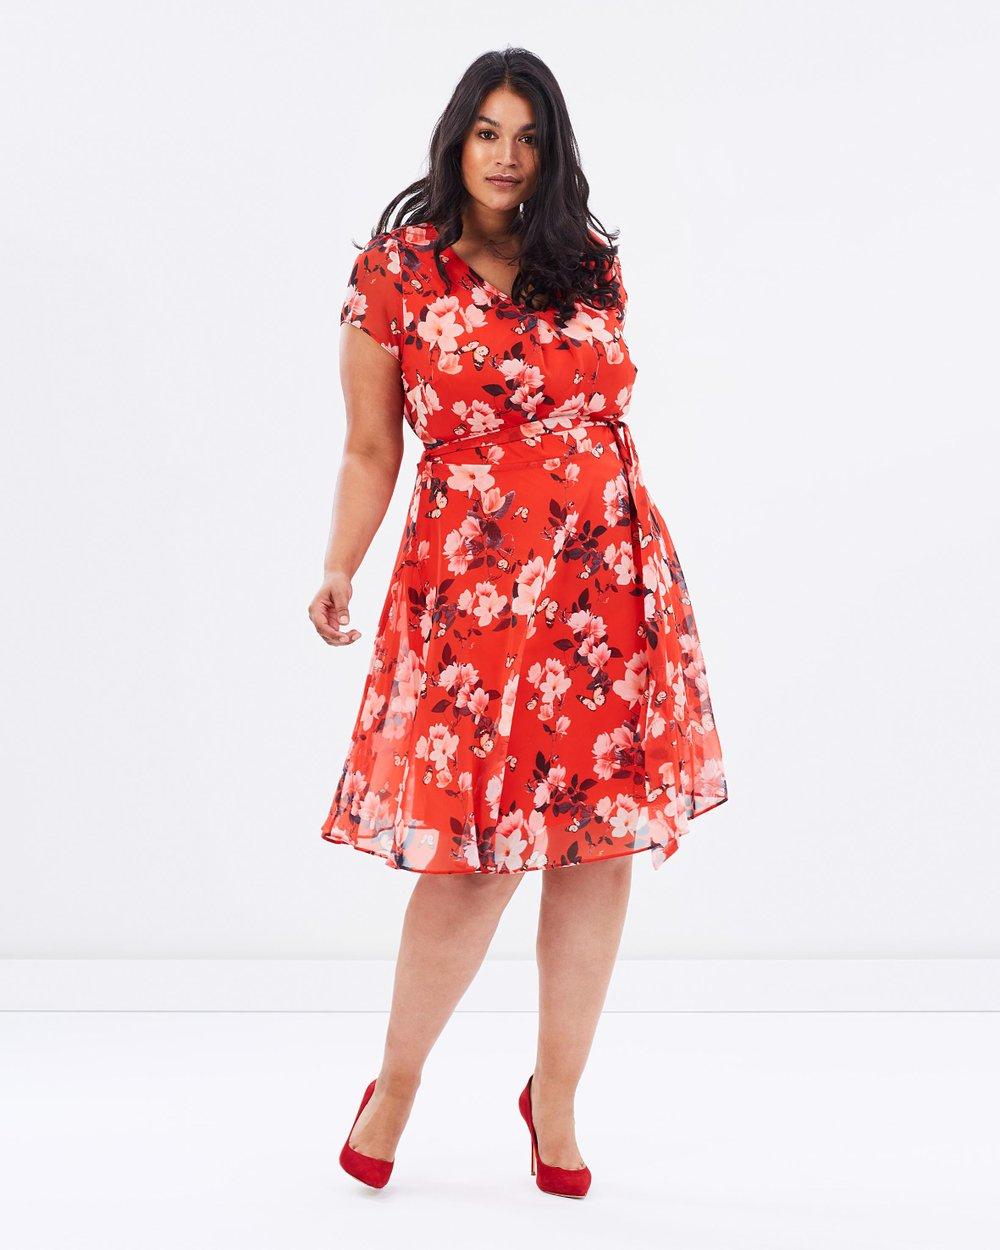 f13c651b89e Floral Print Dress by DP Curve Online